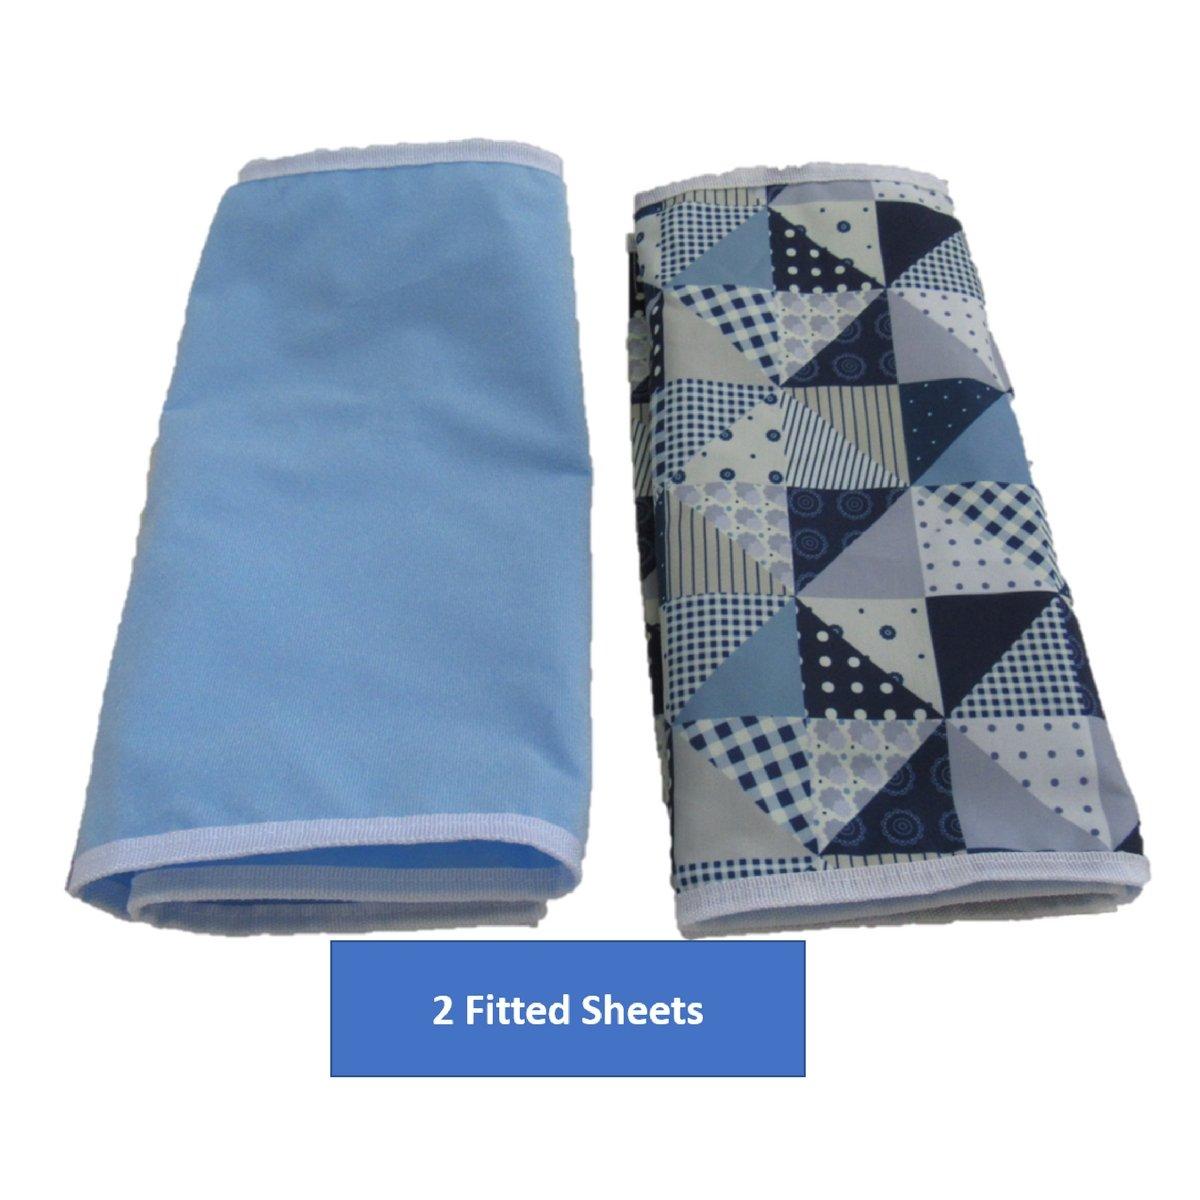 Amazon.com: Elegante juego de bolsas para pañales / se ...